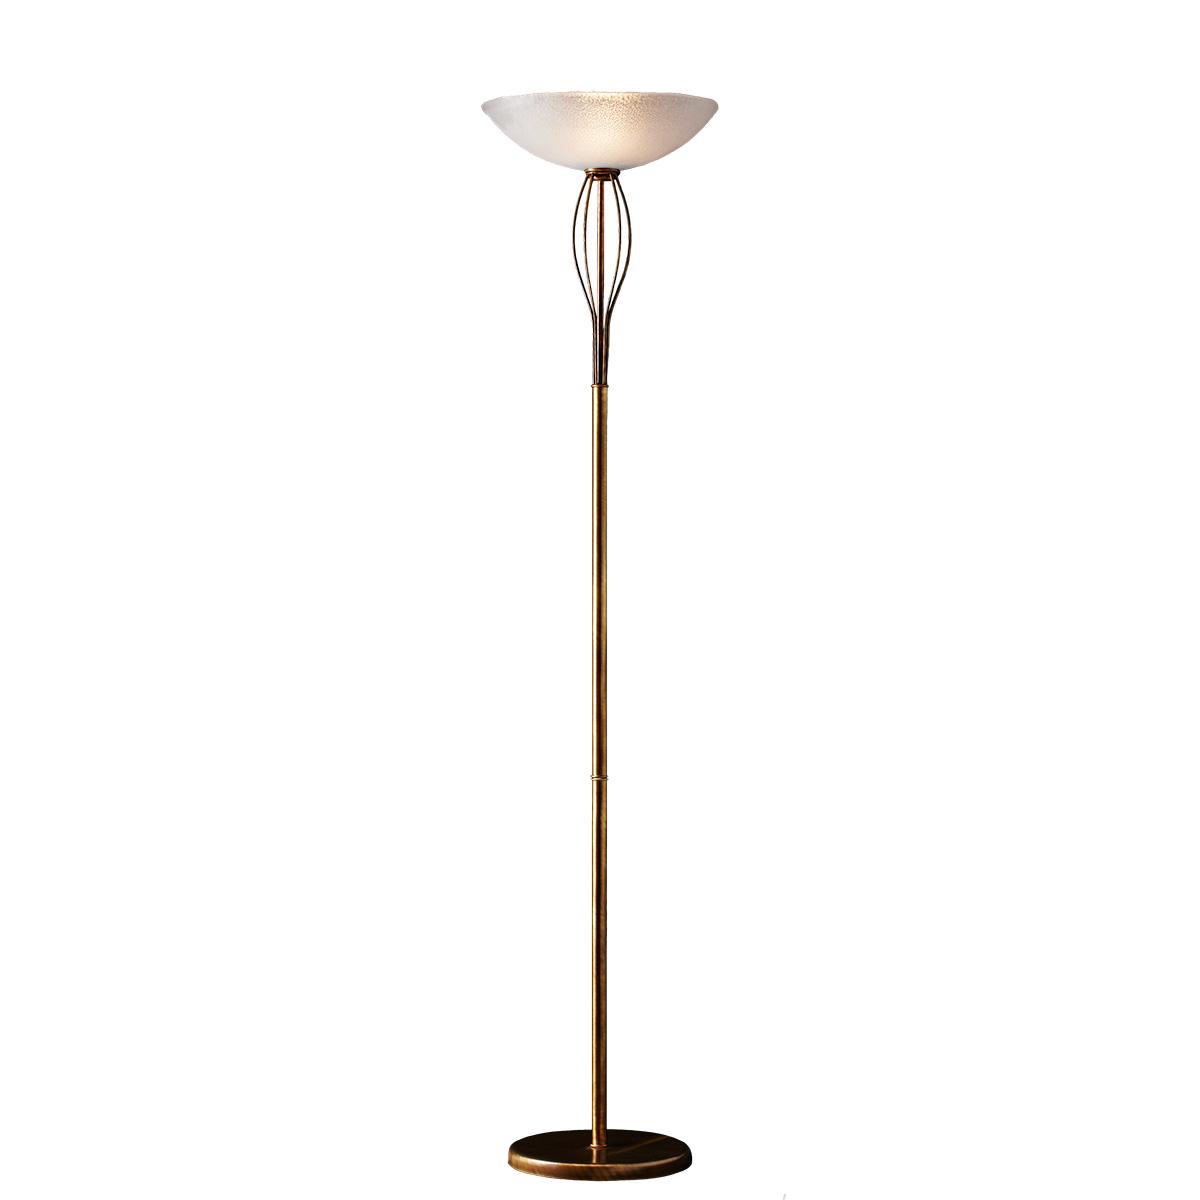 Φωτιστικό δαπέδου ΝΥΜΦΑΙΟ floor lamp